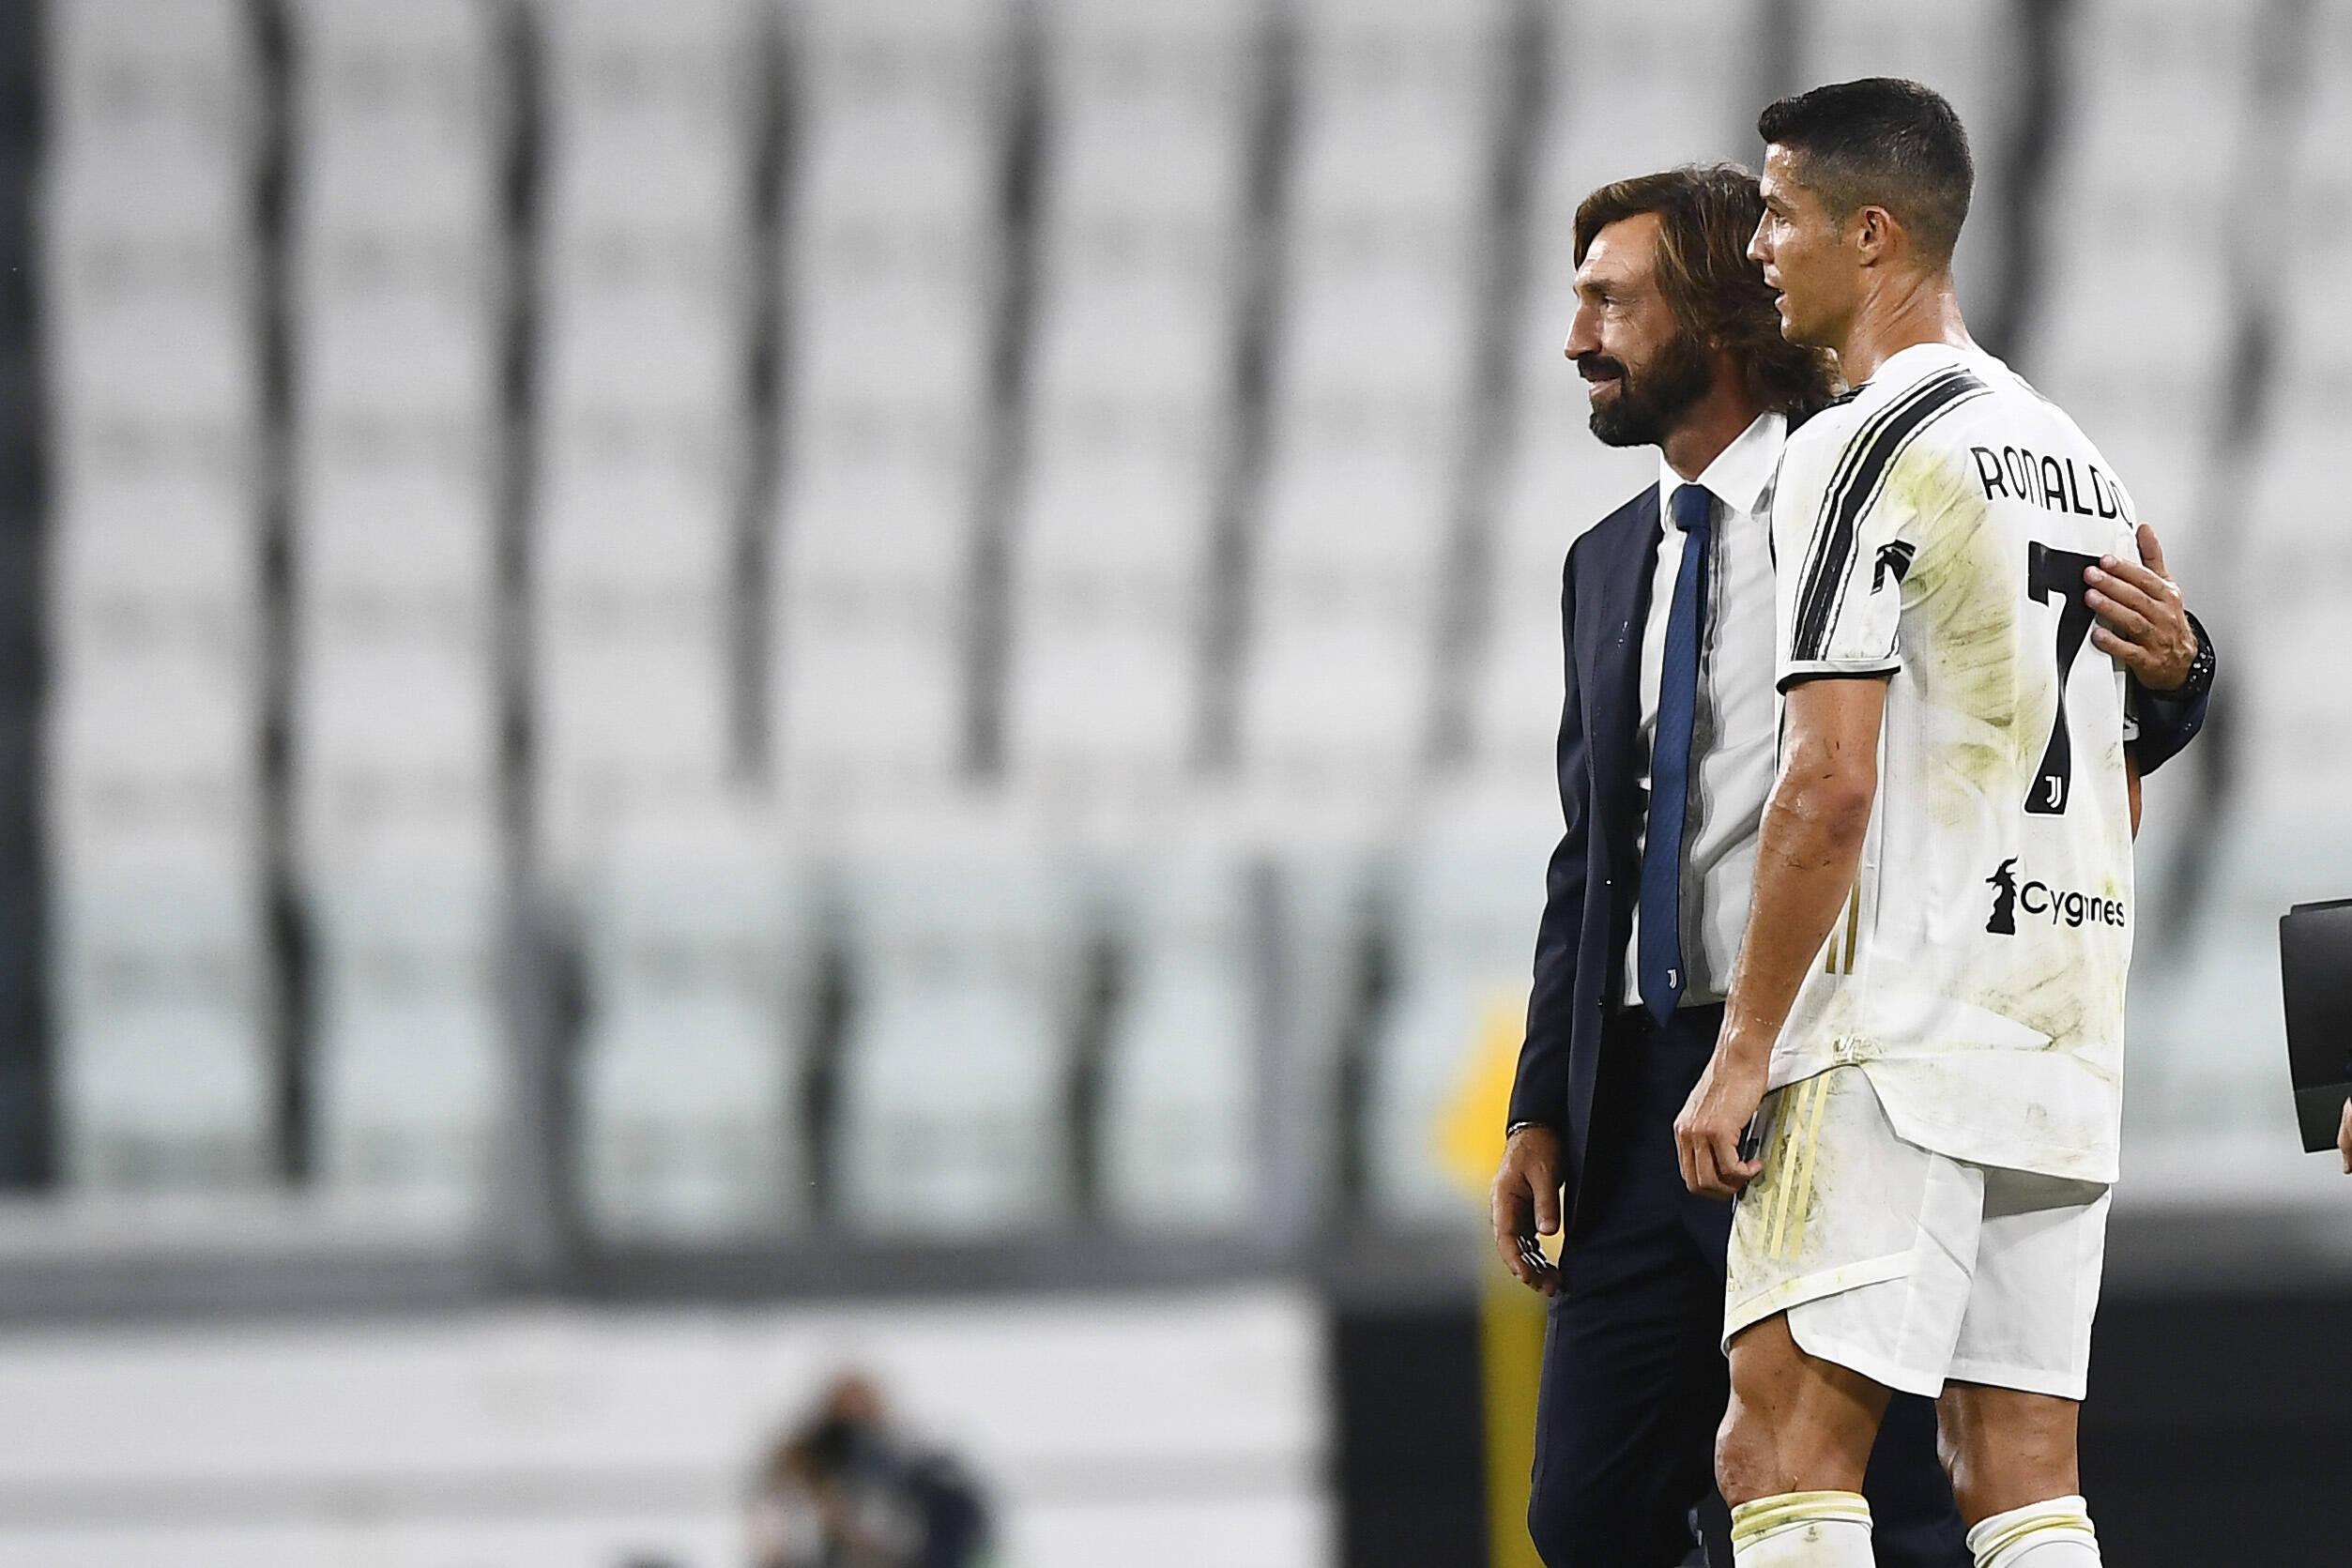 Ronaldo und Pirlo (beide Juventus Turin) besprechen sich